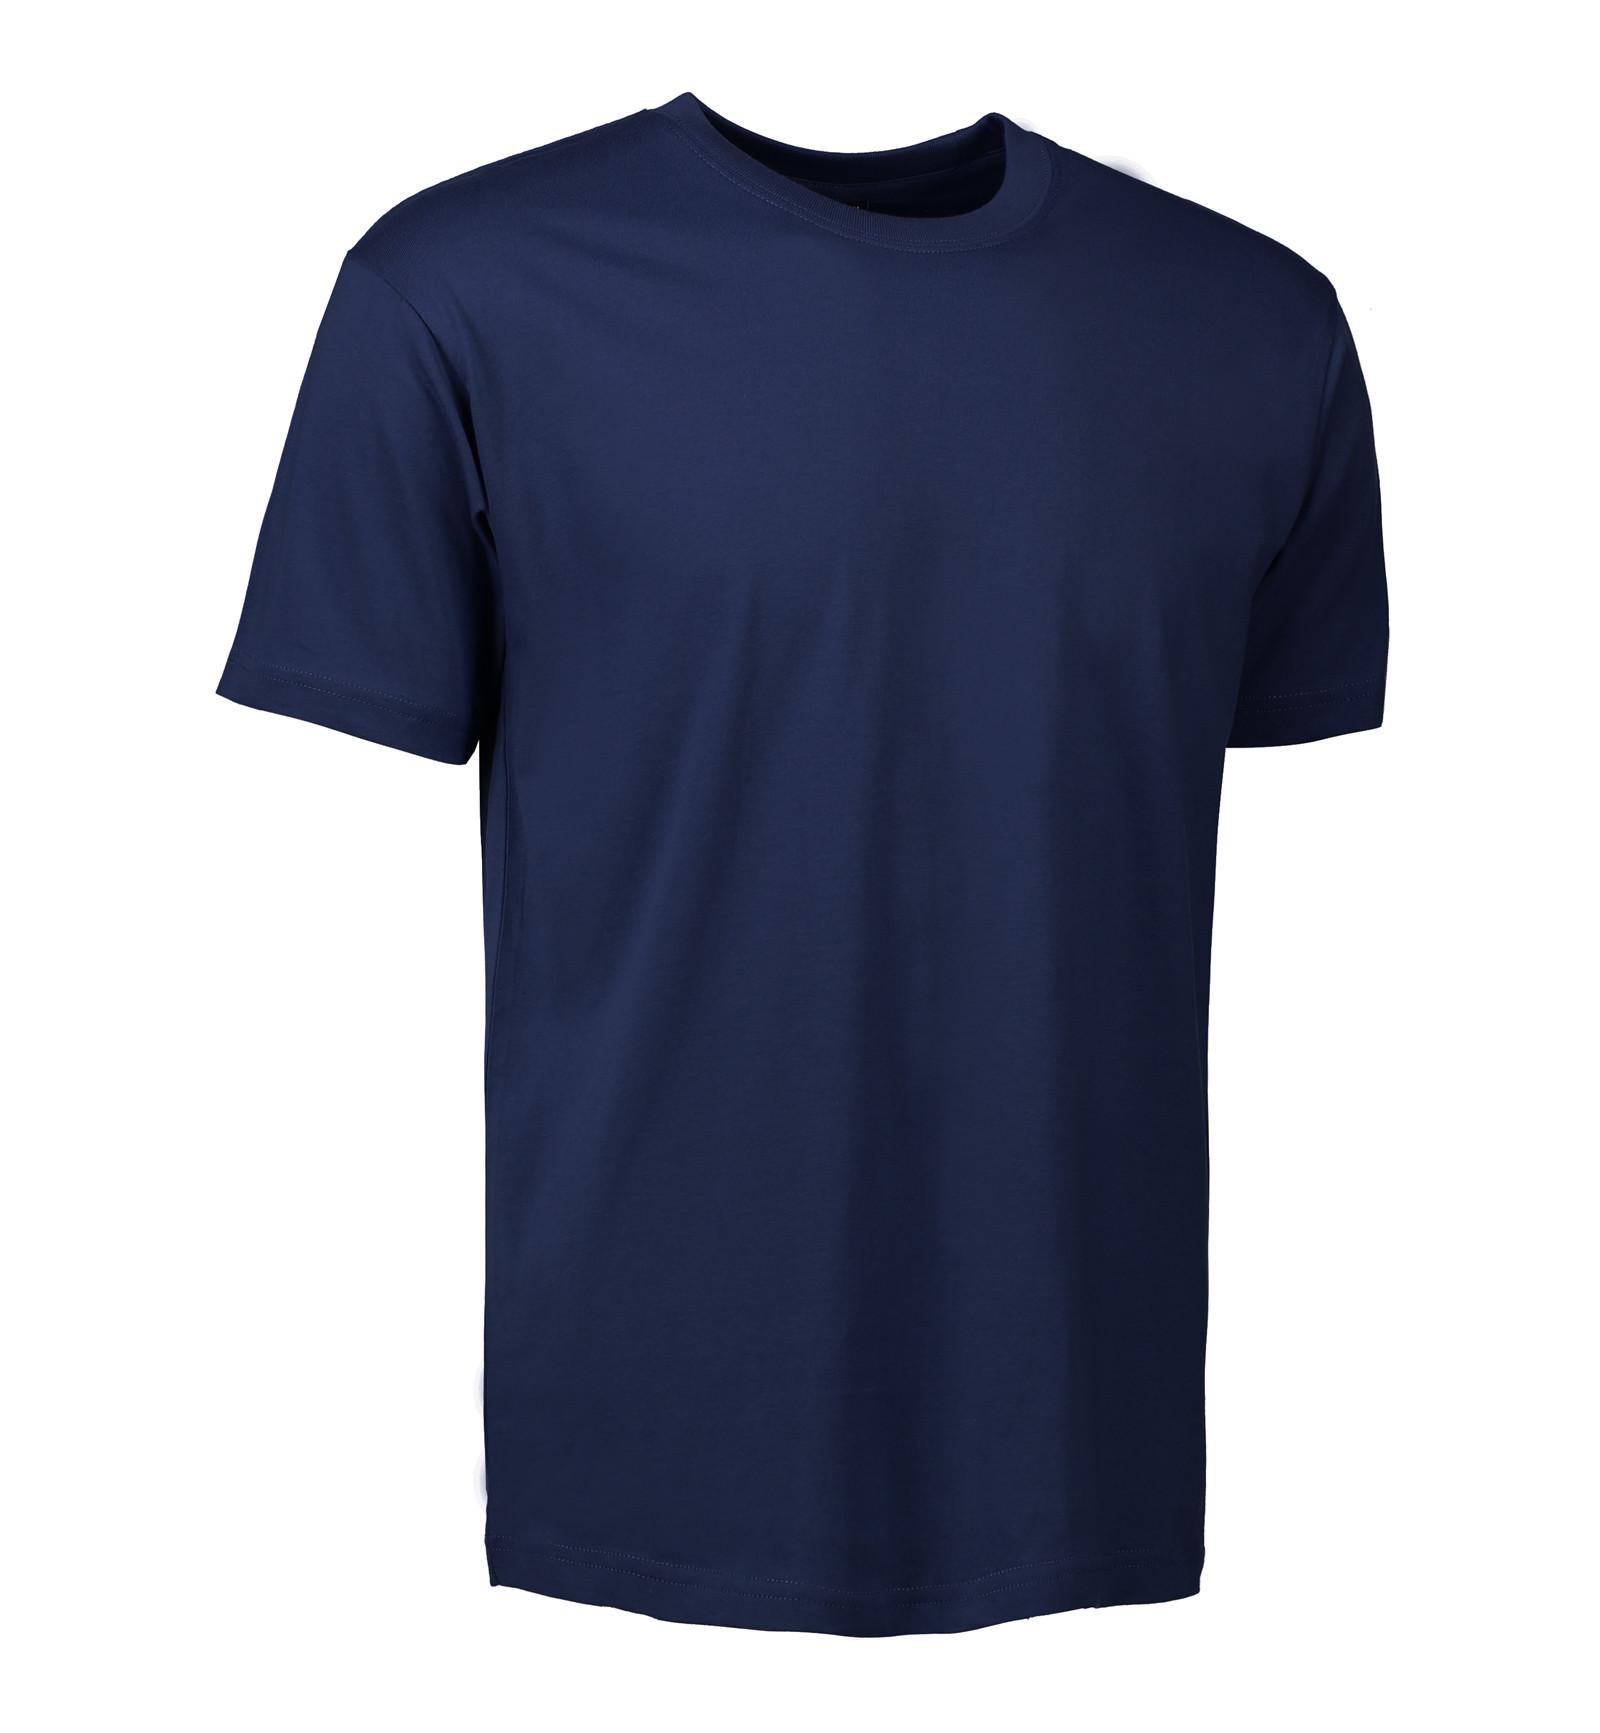 T-shirt, Marine - 8504